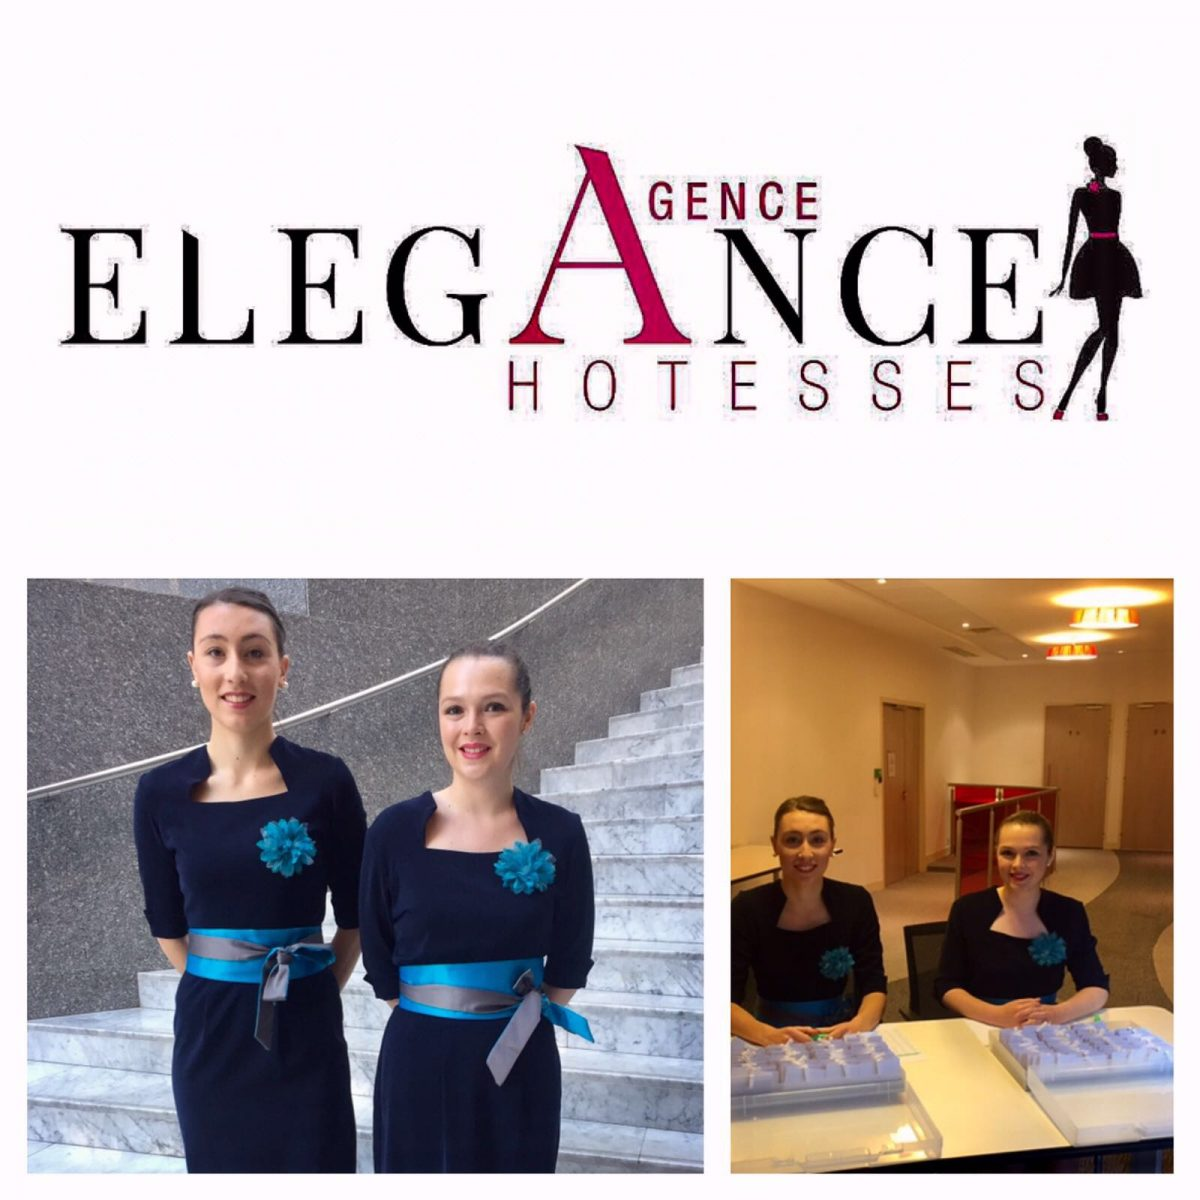 Agence hotesse Paris Presentation presse Ag2r